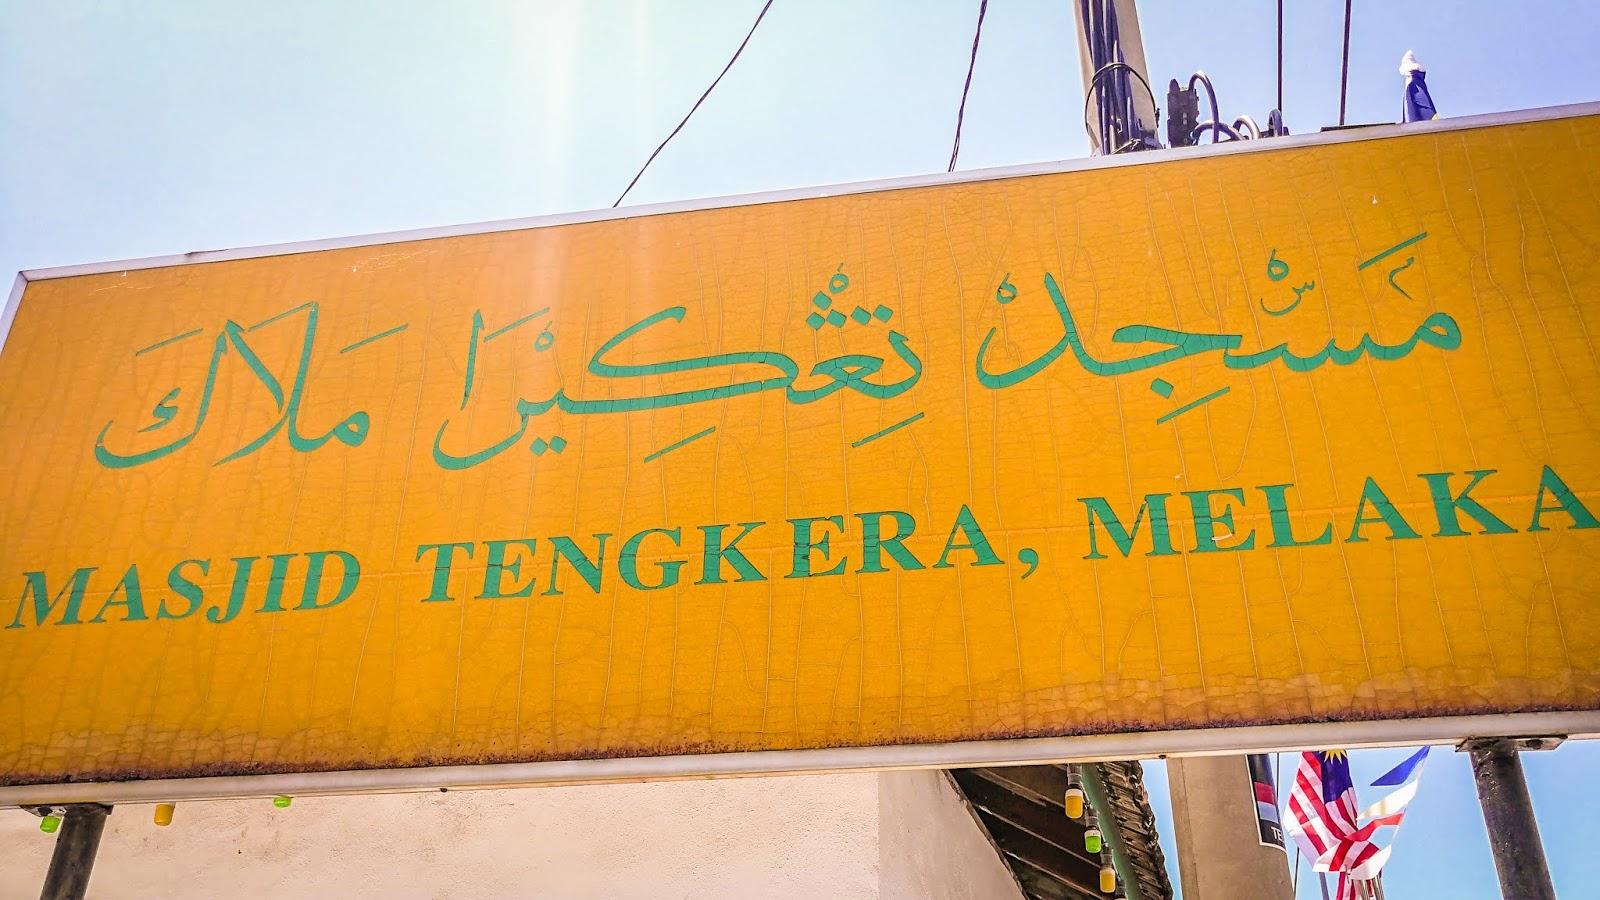 Masjid Tengkera, Melaka - signboard